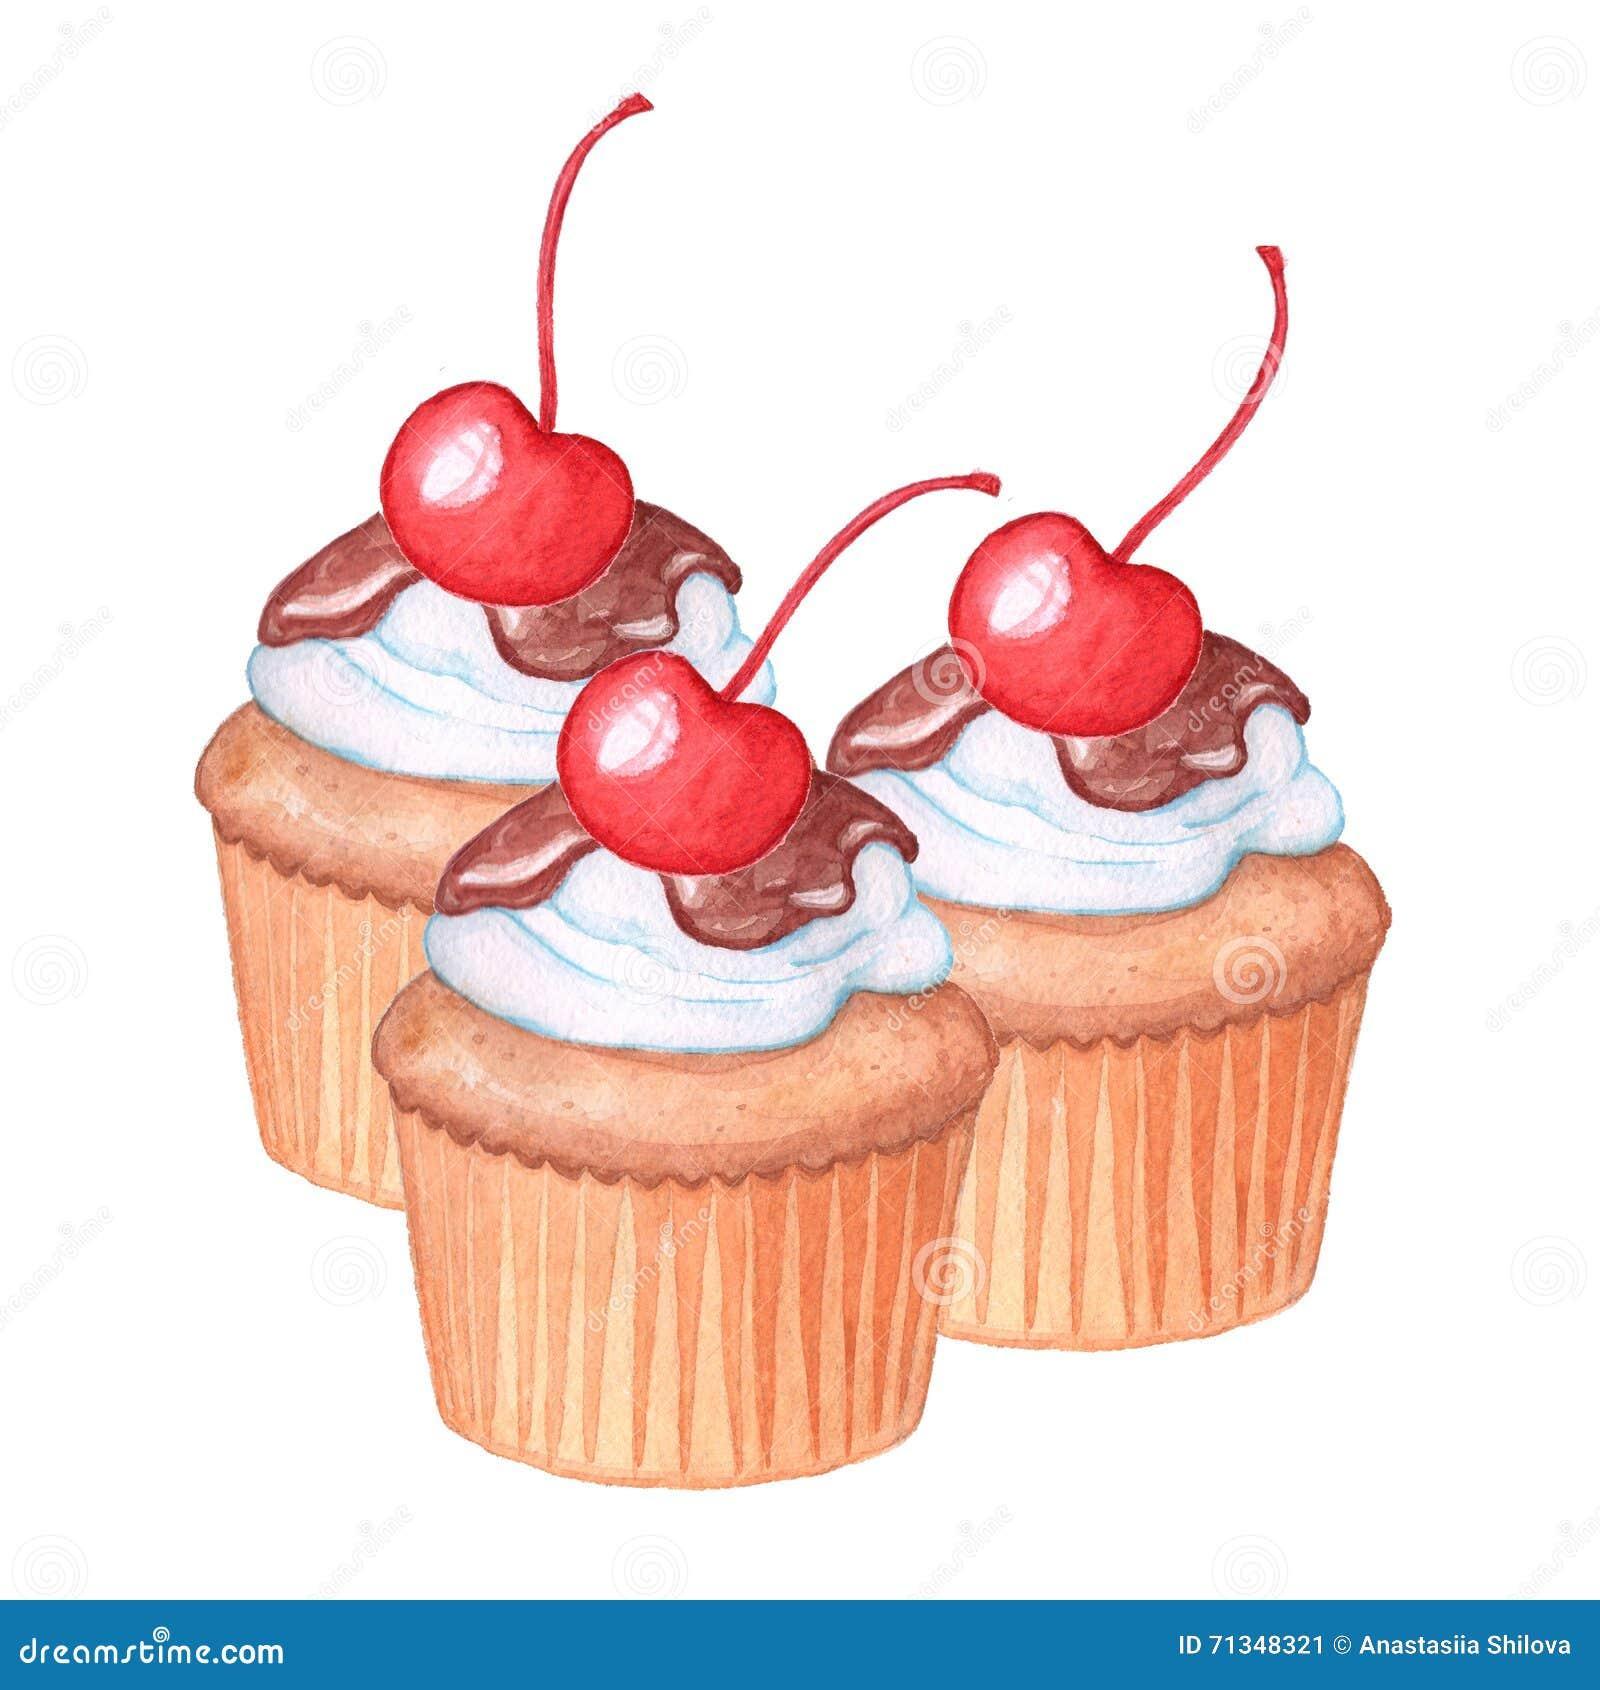 How to Make Cherry Berry Chocolate Strawberry Cake